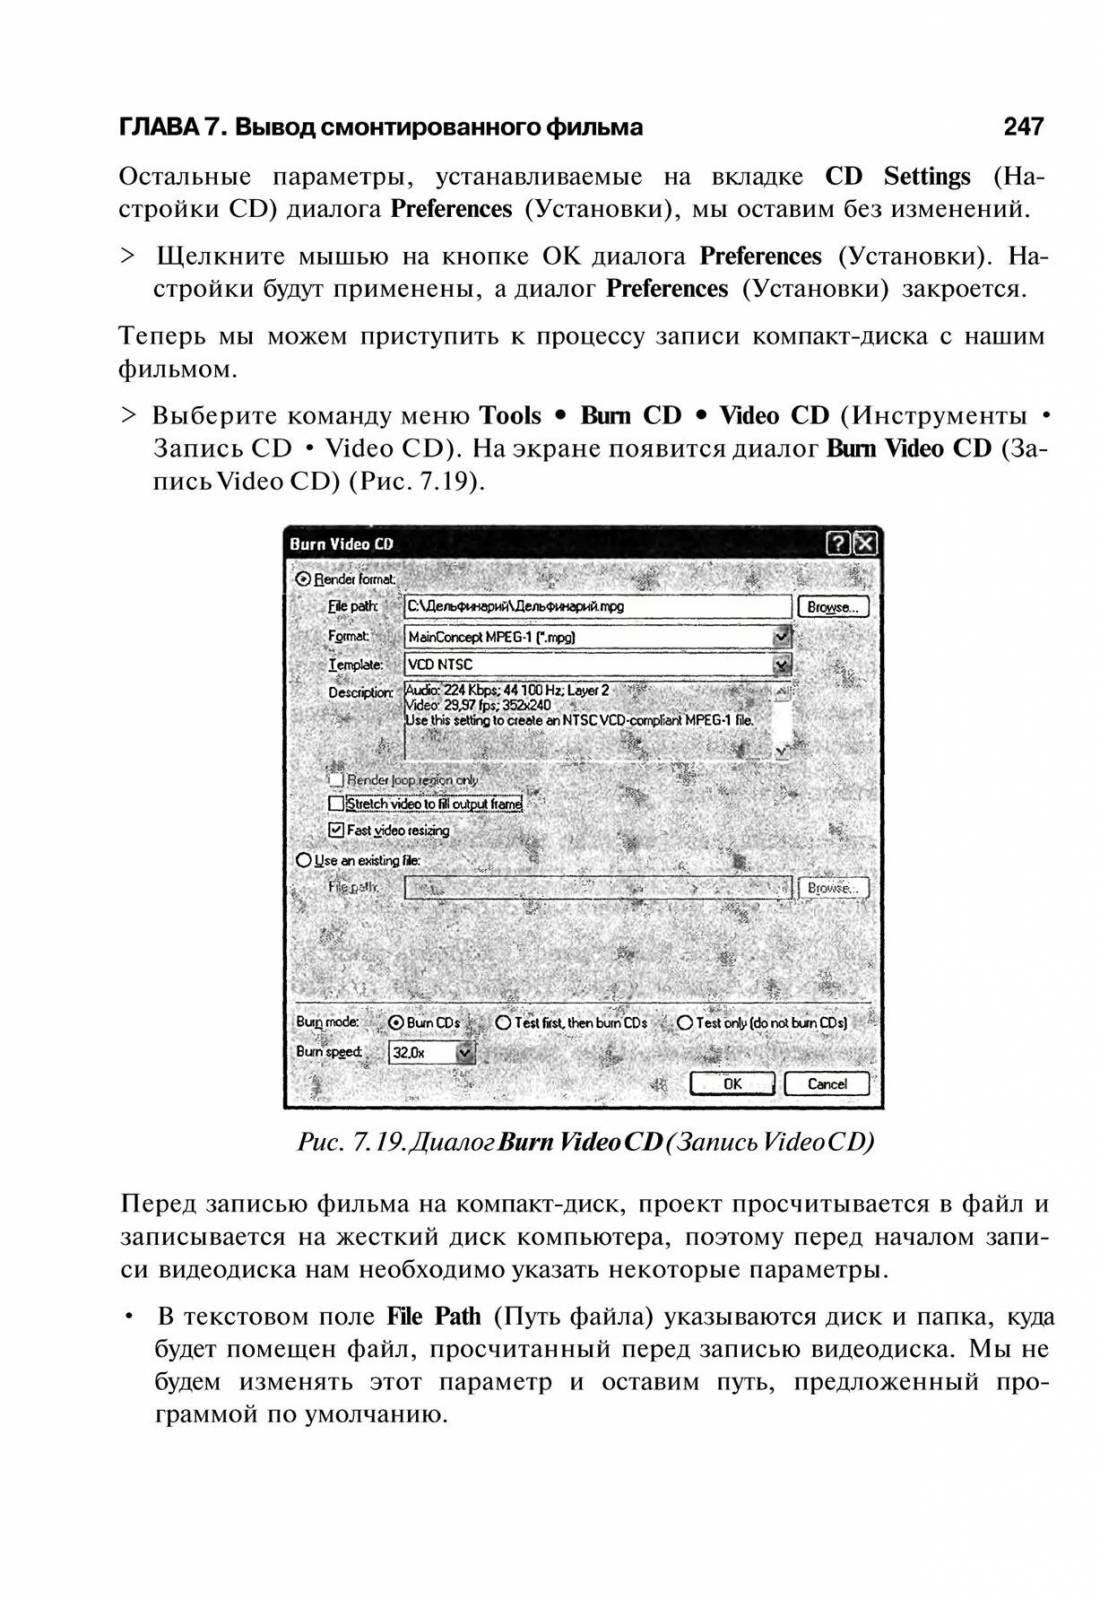 http://redaktori-uroki.3dn.ru/_ph/14/85485921.jpg